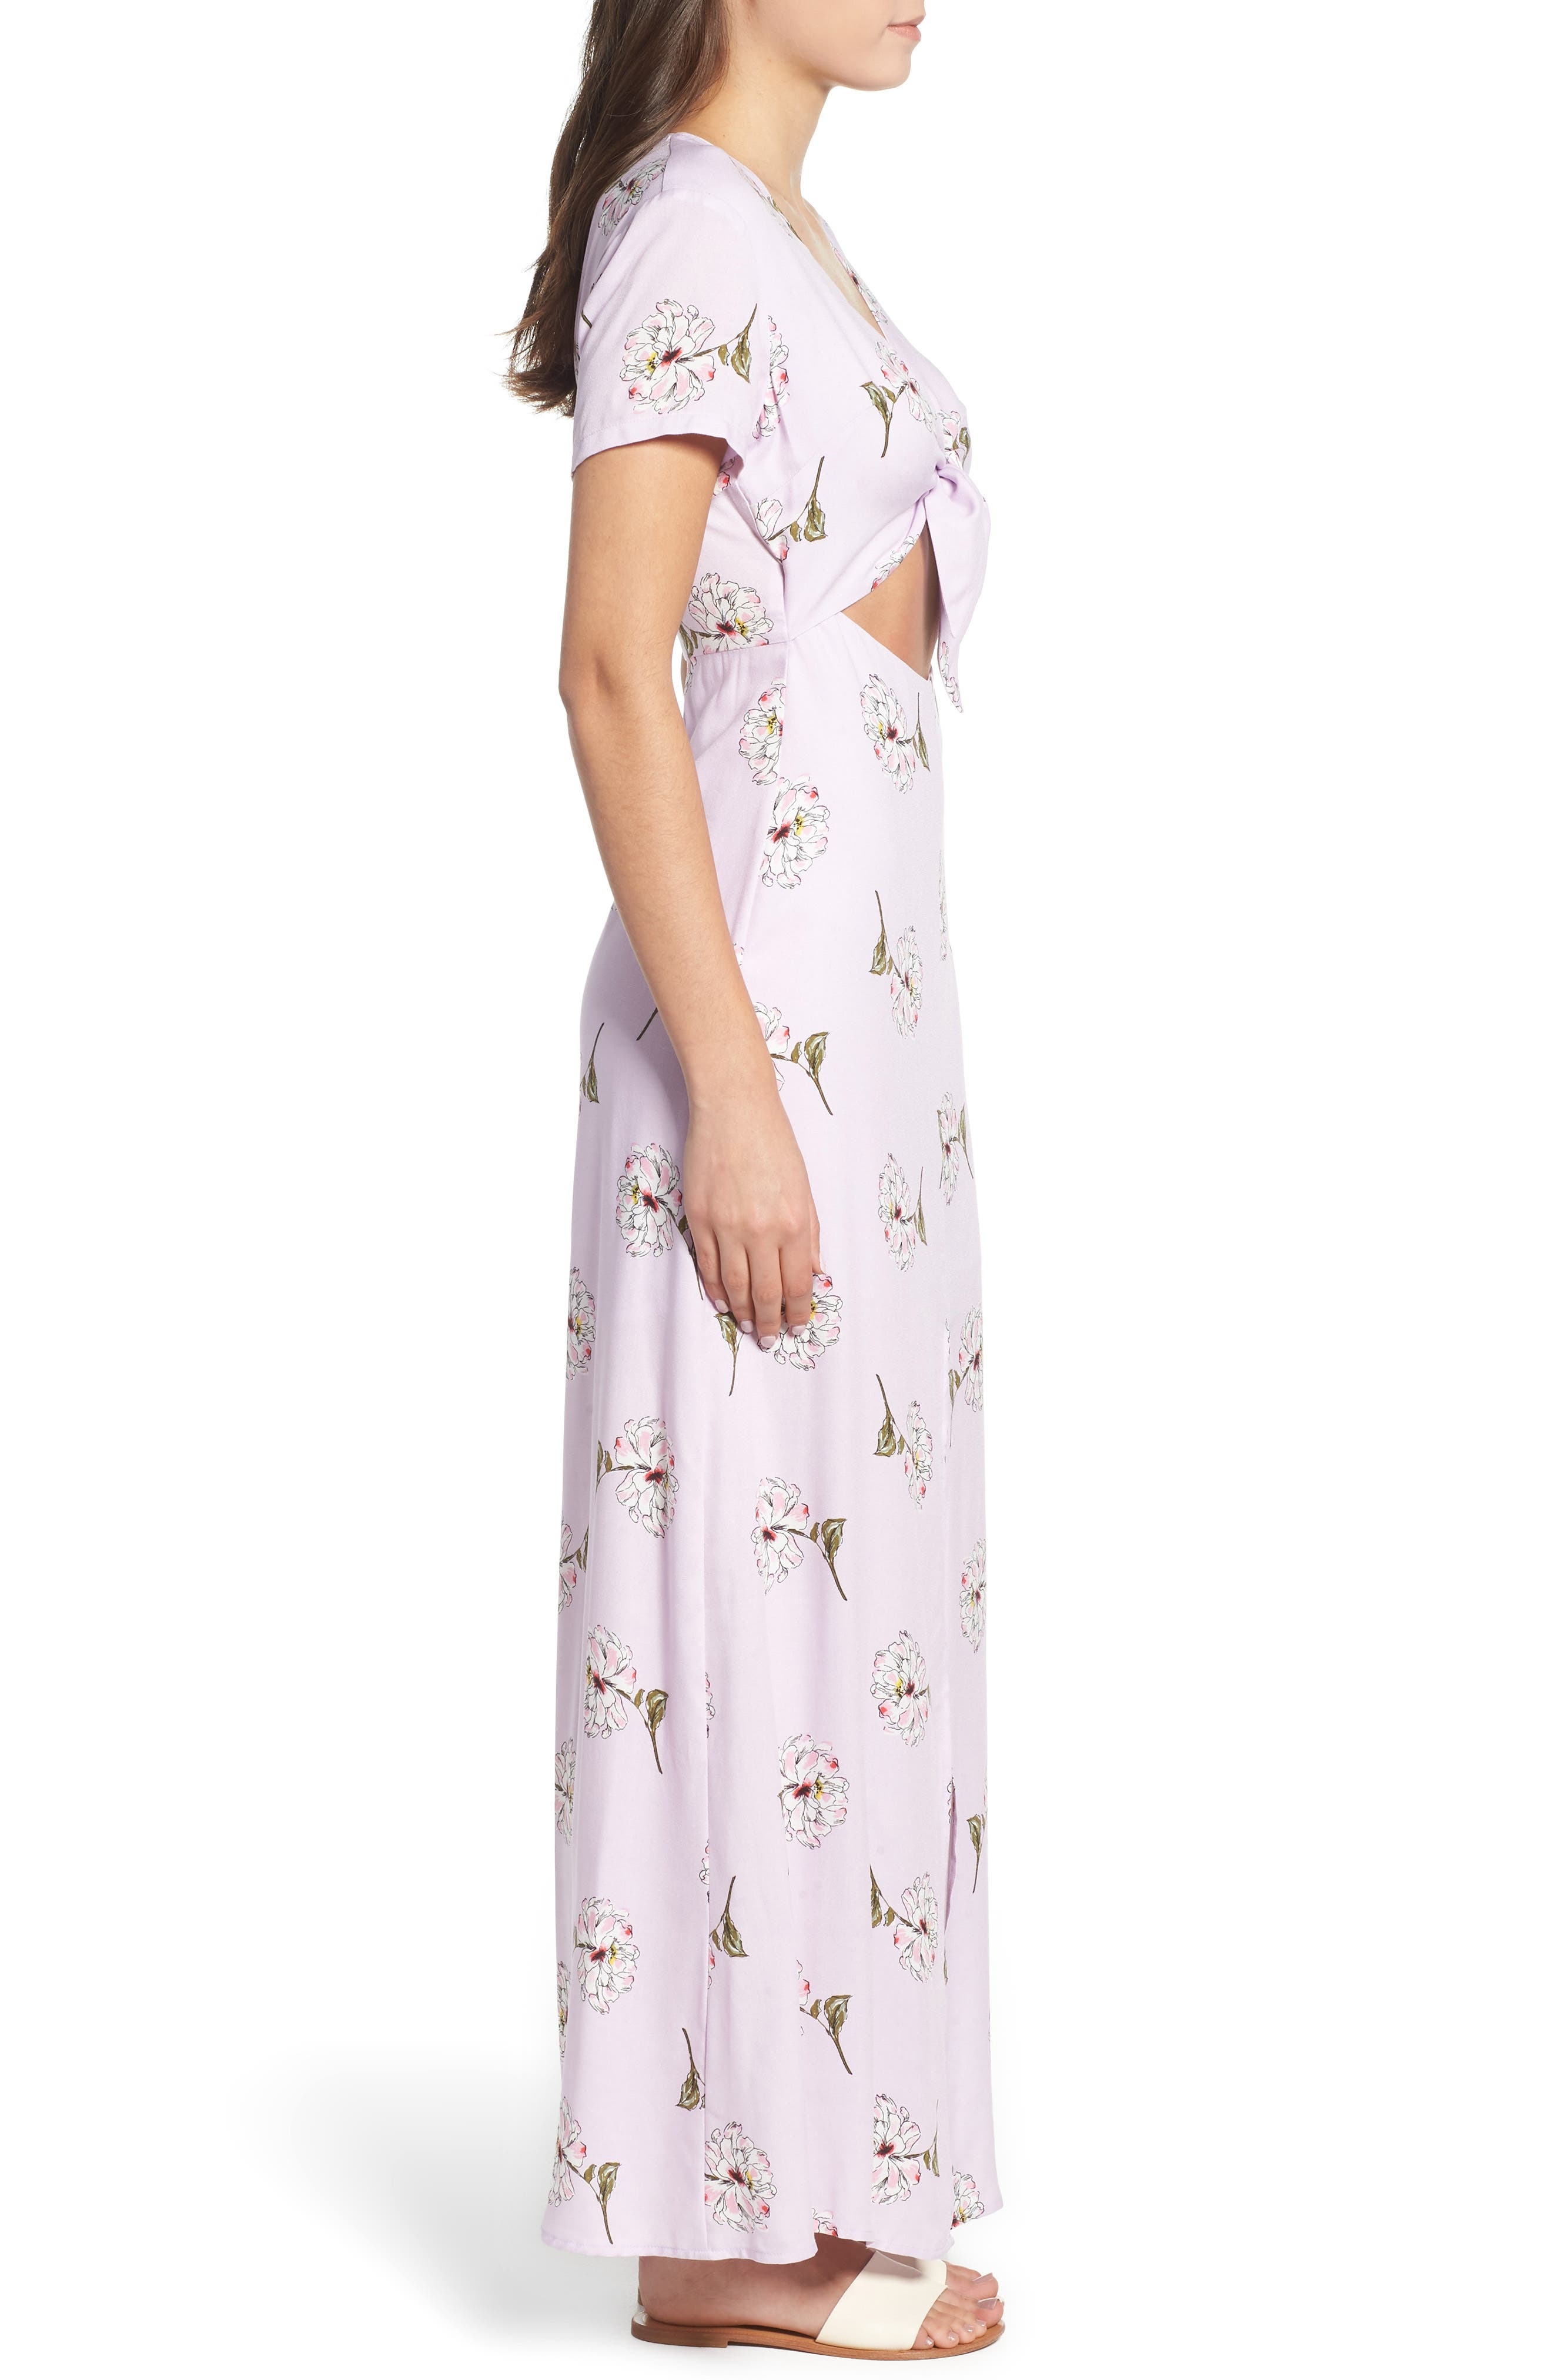 Cutout Tie Front Maxi Dress,                             Alternate thumbnail 3, color,                             Lavender Floral